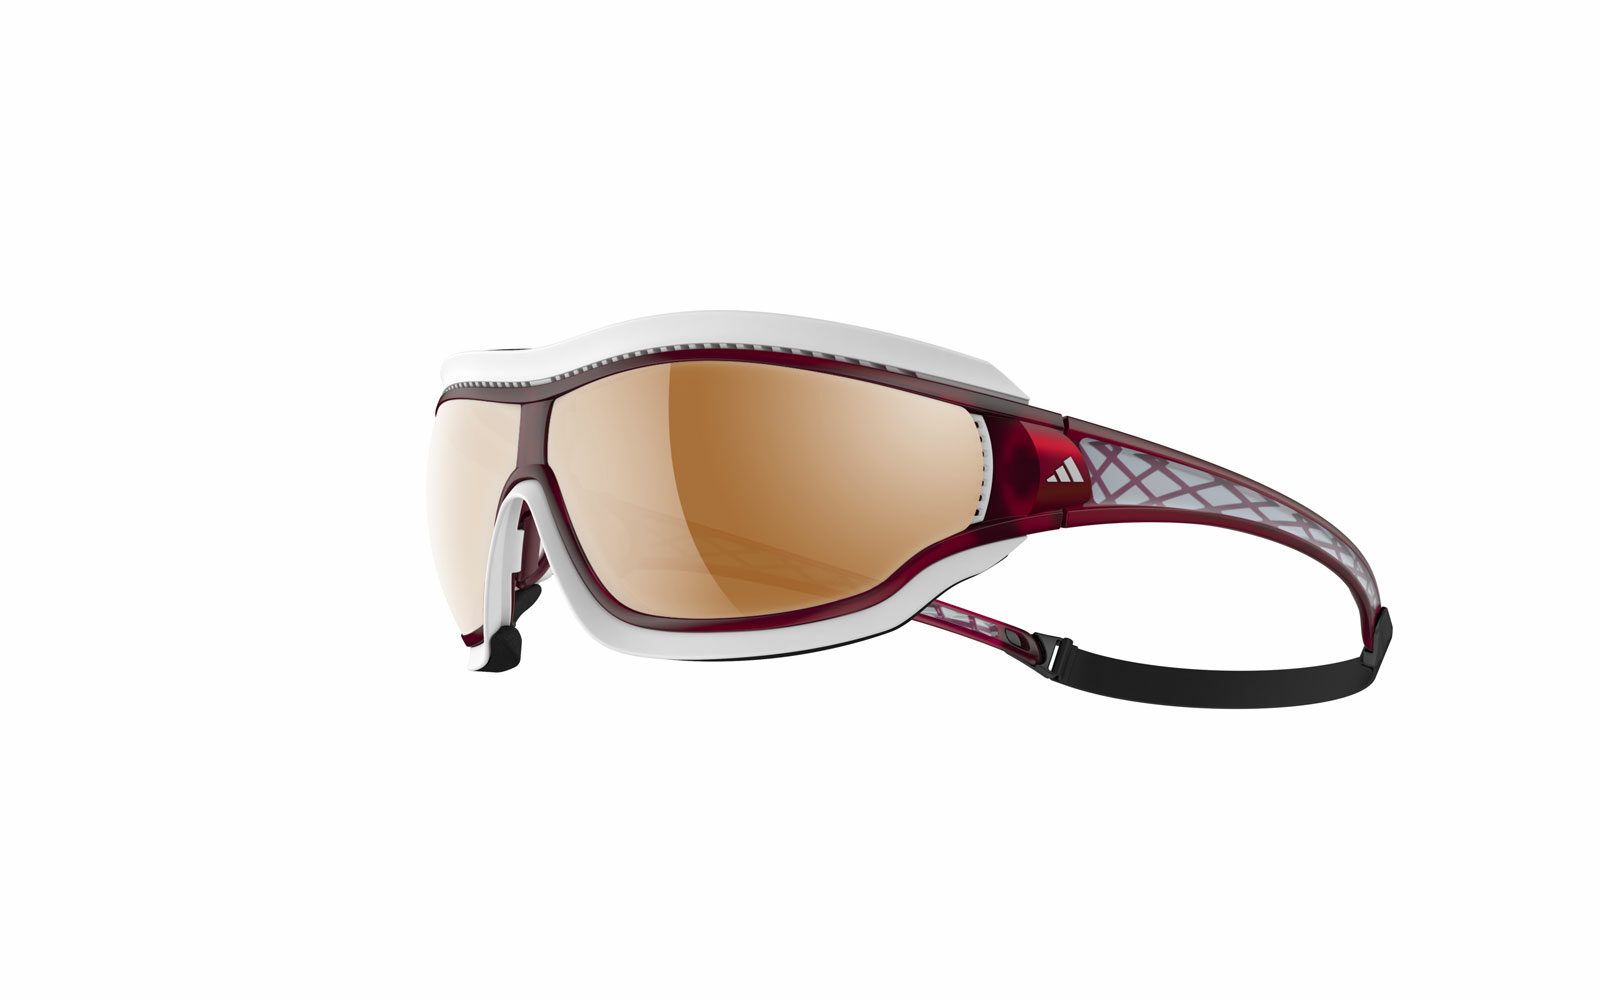 Ideale per la CORSA il modello Adidas Eyewear Tycane Pro Outdoor, sistema di ventilazione Climacool, profilo imbottito di protezione in gomma amovibile, astine a tre regolazioni. Euro 209.